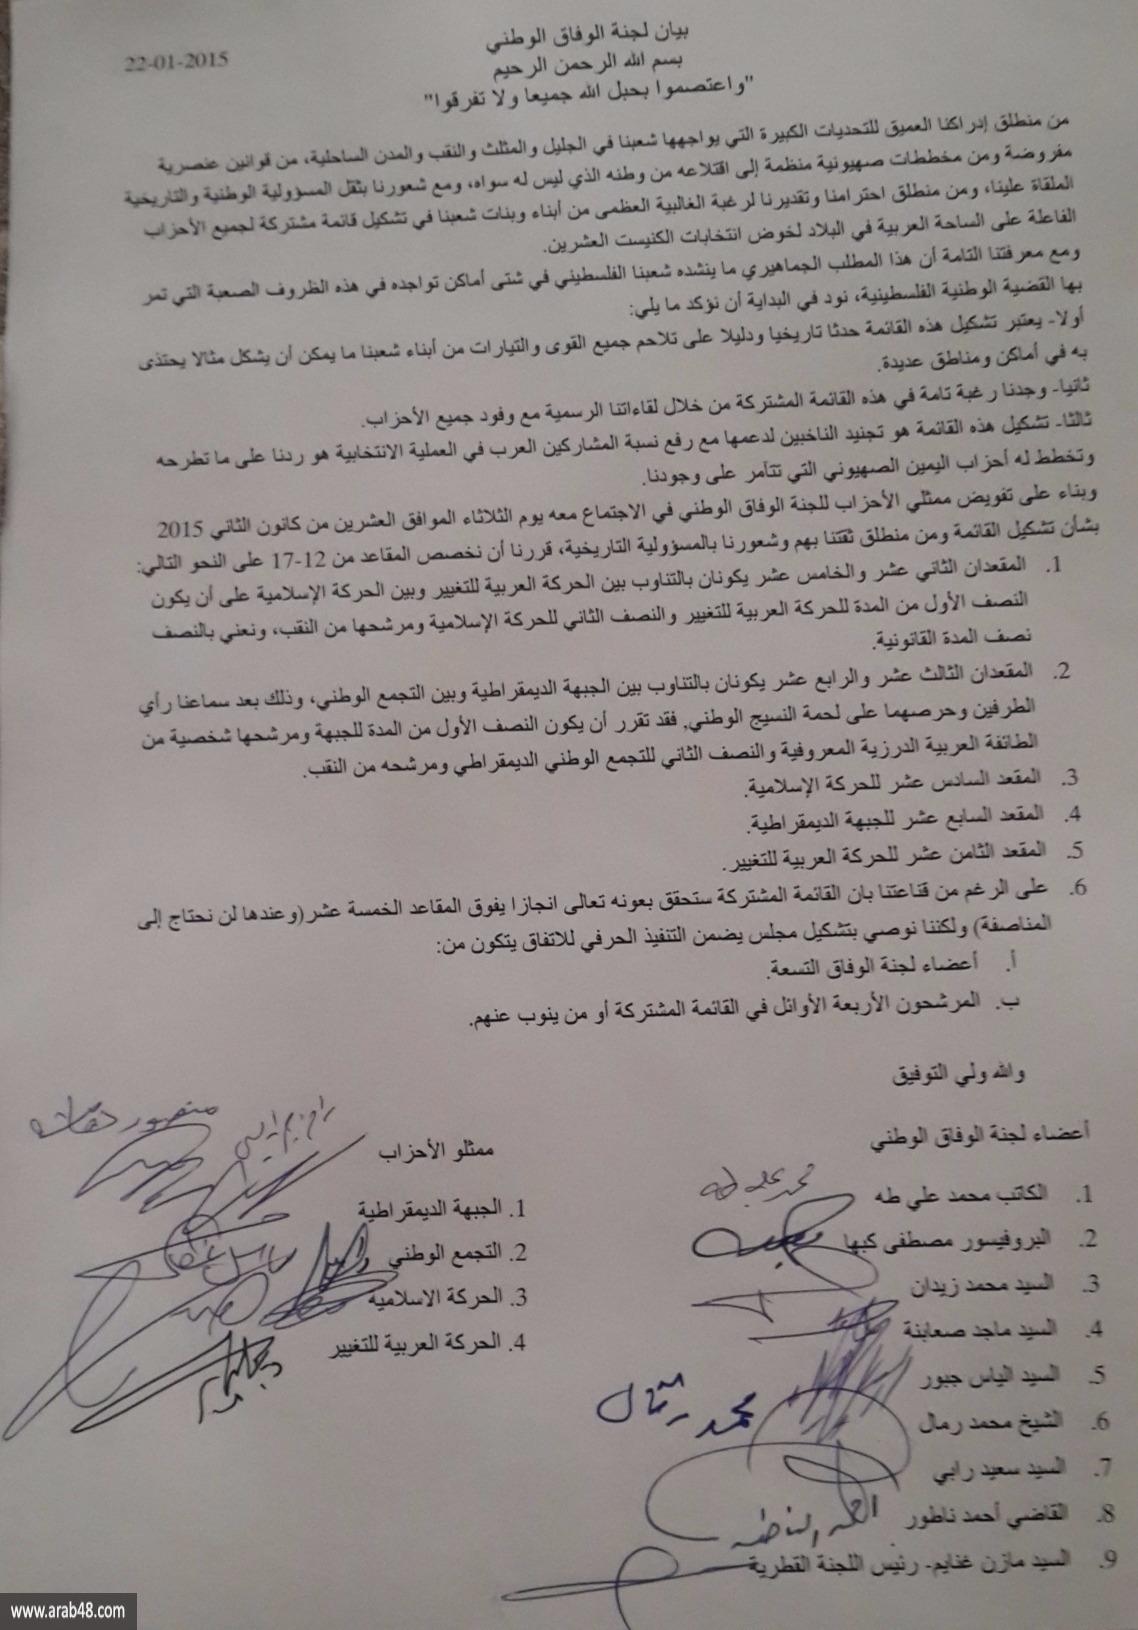 """د. مصطفى لـ""""عرب 48"""": مصلحة المشتركة تنفيذ اتفاق التناوب"""